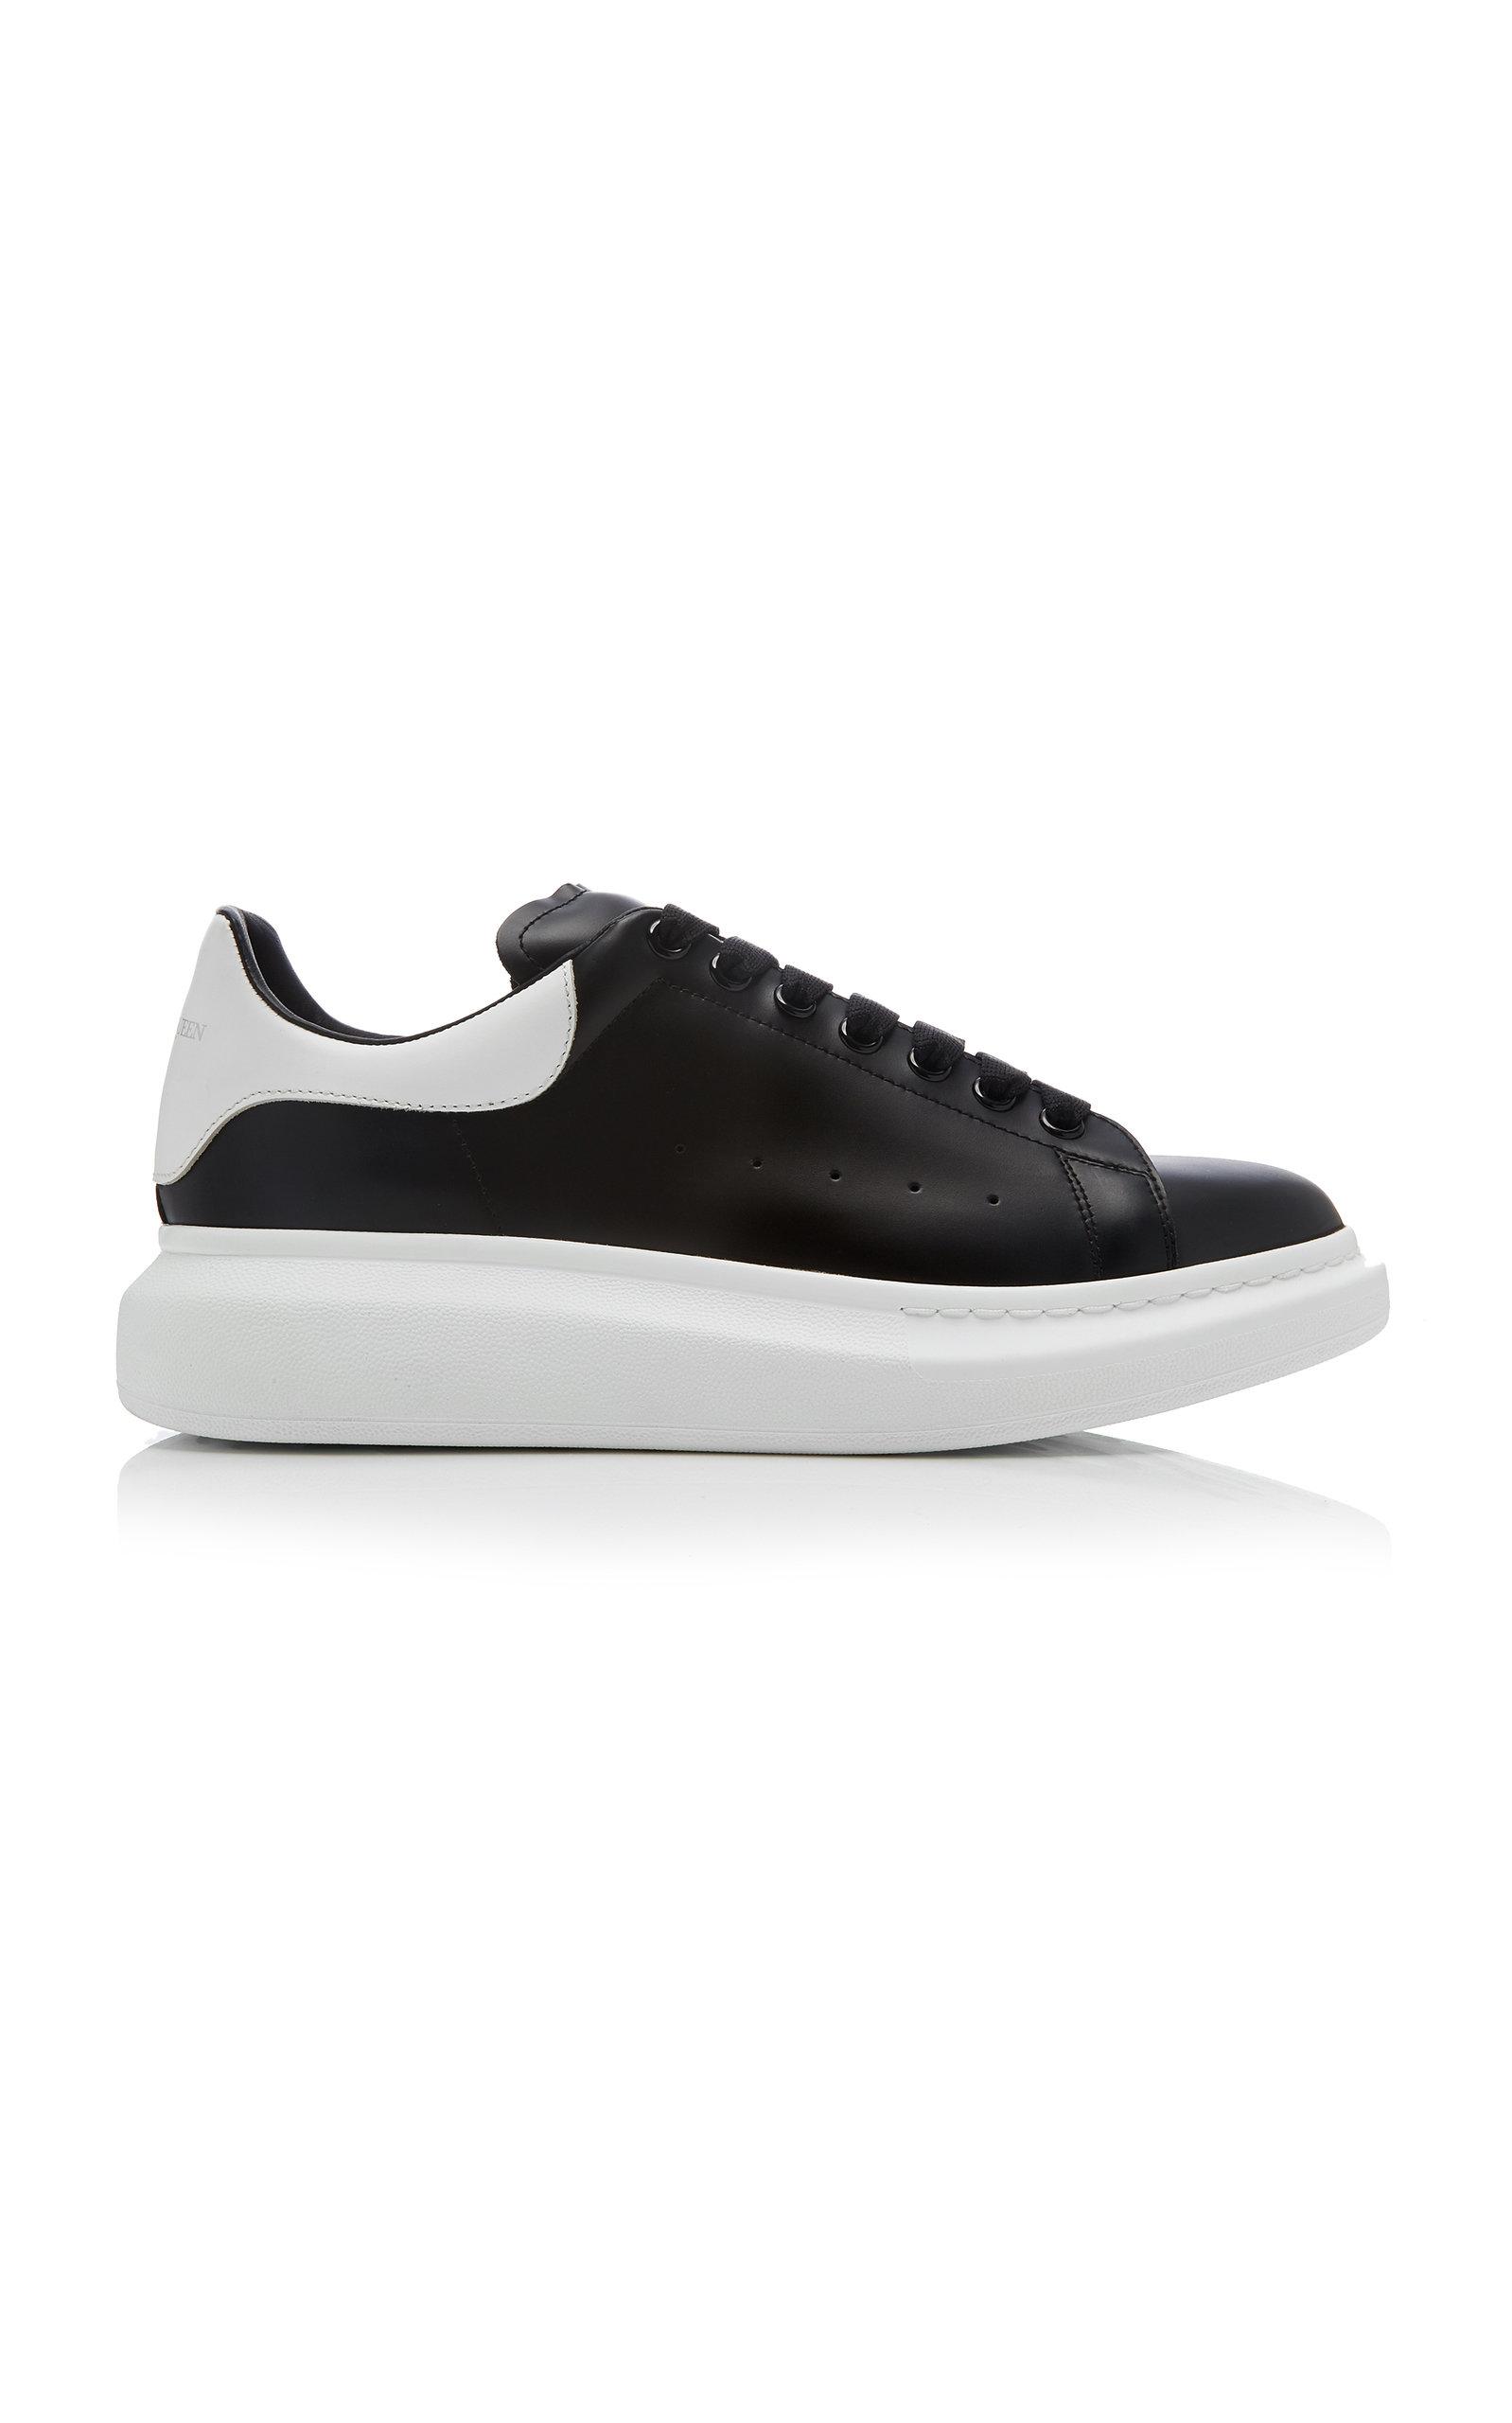 886c191605d66 Men's Shoes | Moda Operandi